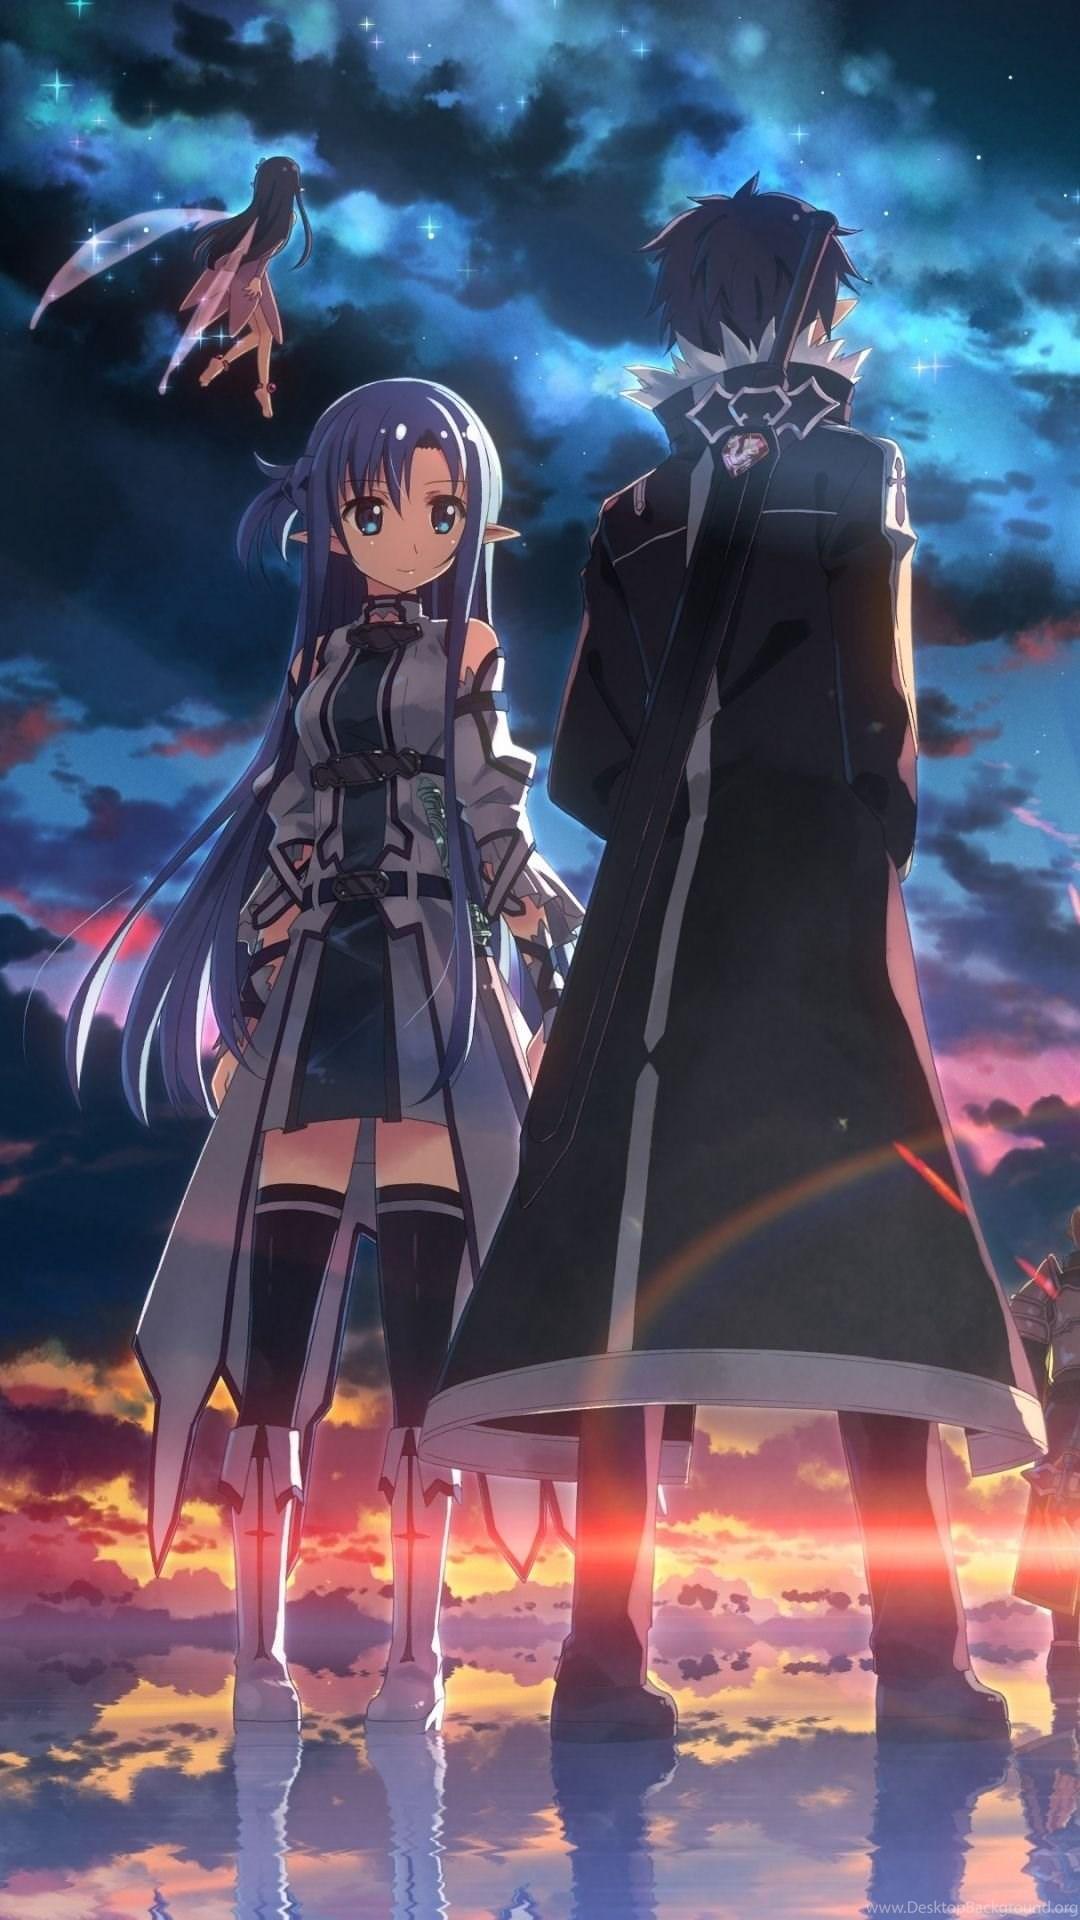 Moto X Anime Sword Art Online Wallpapers Id 578534 Desktop Background